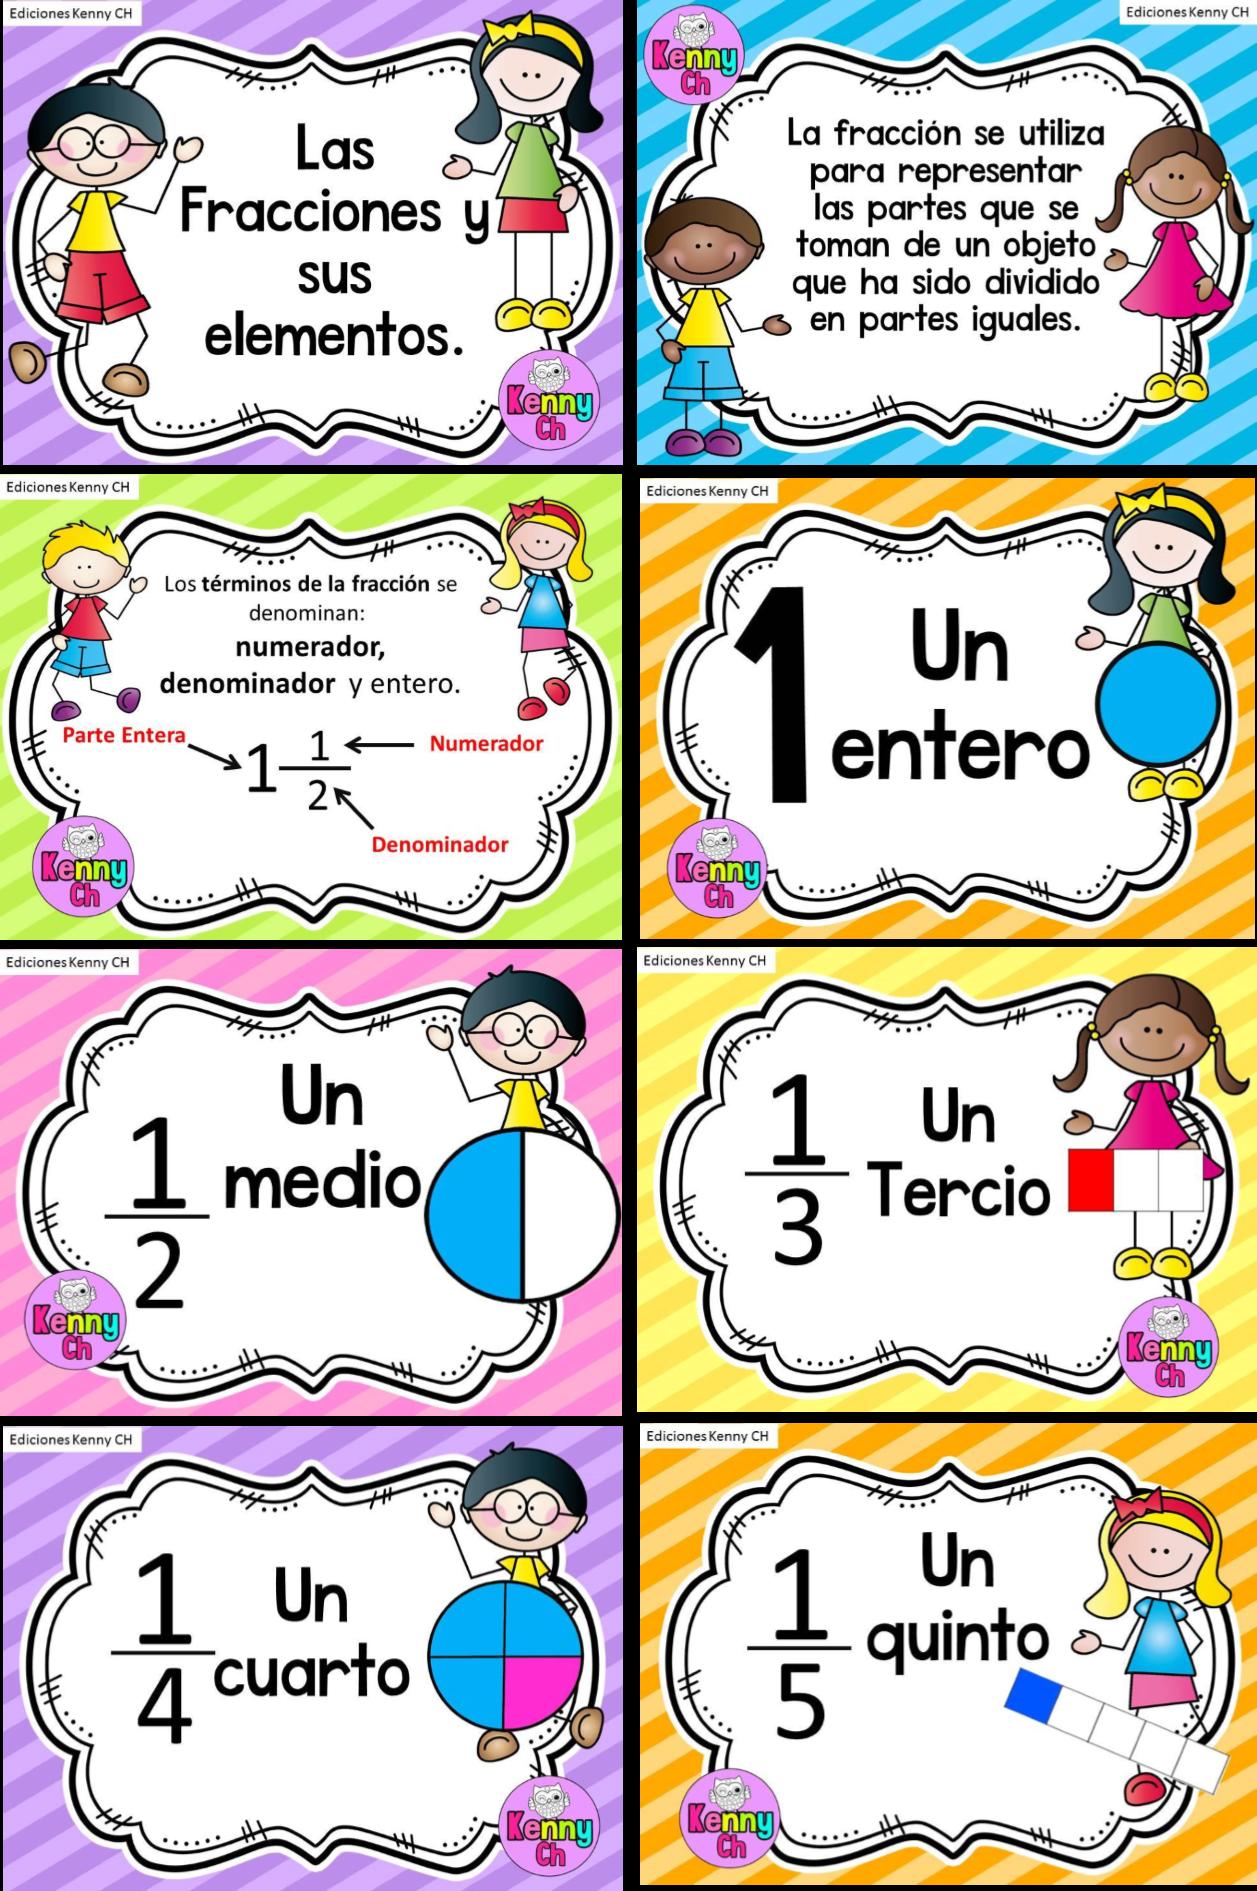 Las fracciones y sus elementos en dise os llamativos for Definicion de cuarto